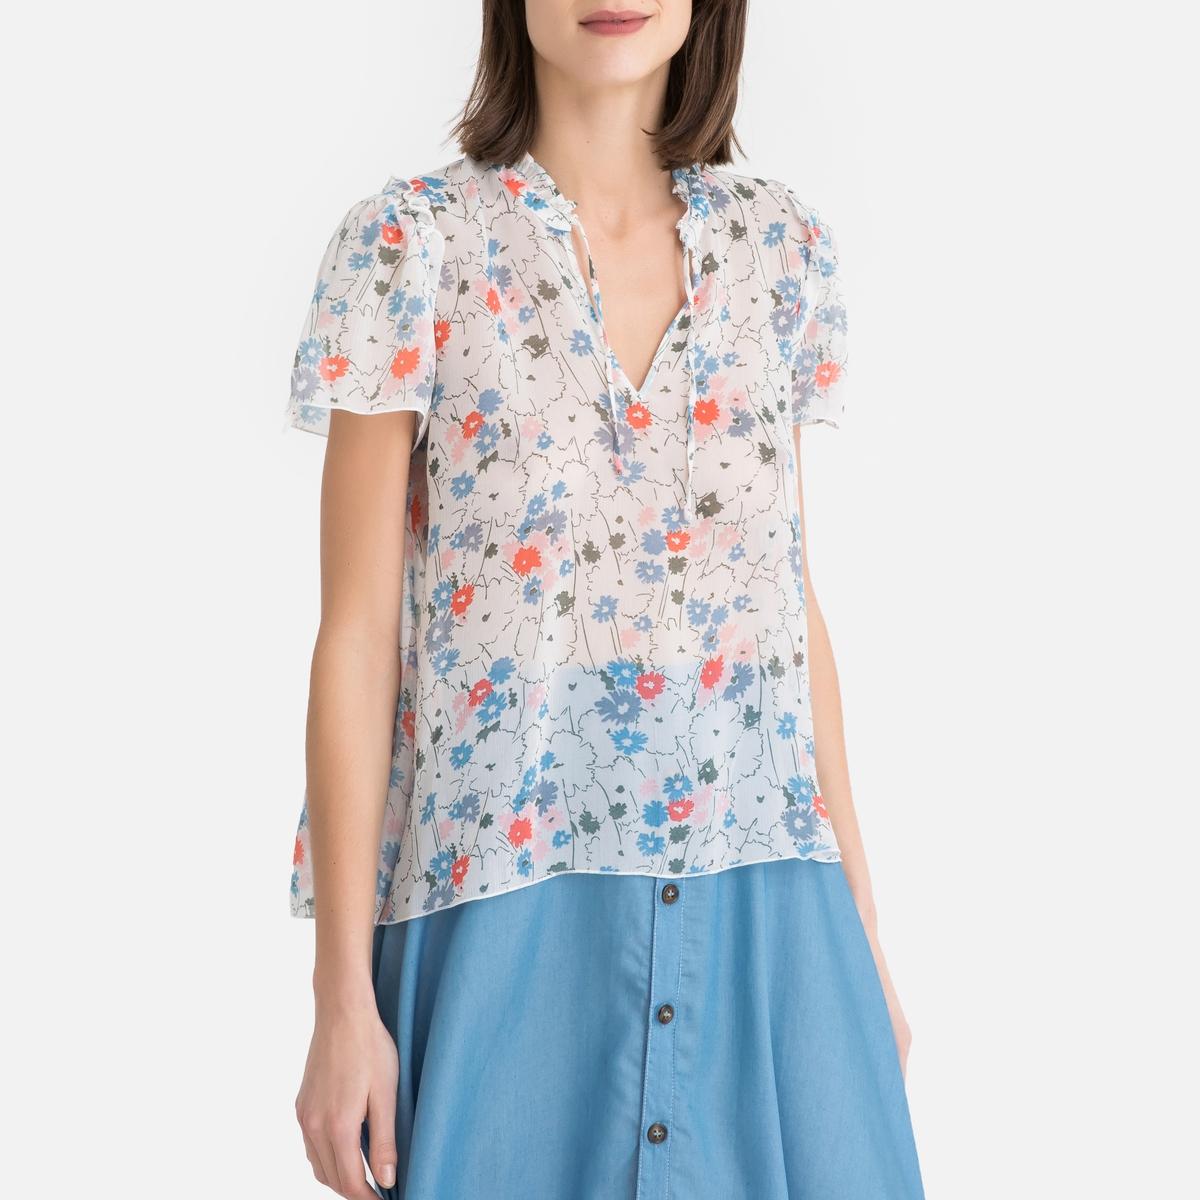 Блузка La Redoute С цветочным рисунком из вуали ANA NAHY XS каштановый блузка la redoute из вуали с принтом и длинными рукавами smoke 3 l каштановый